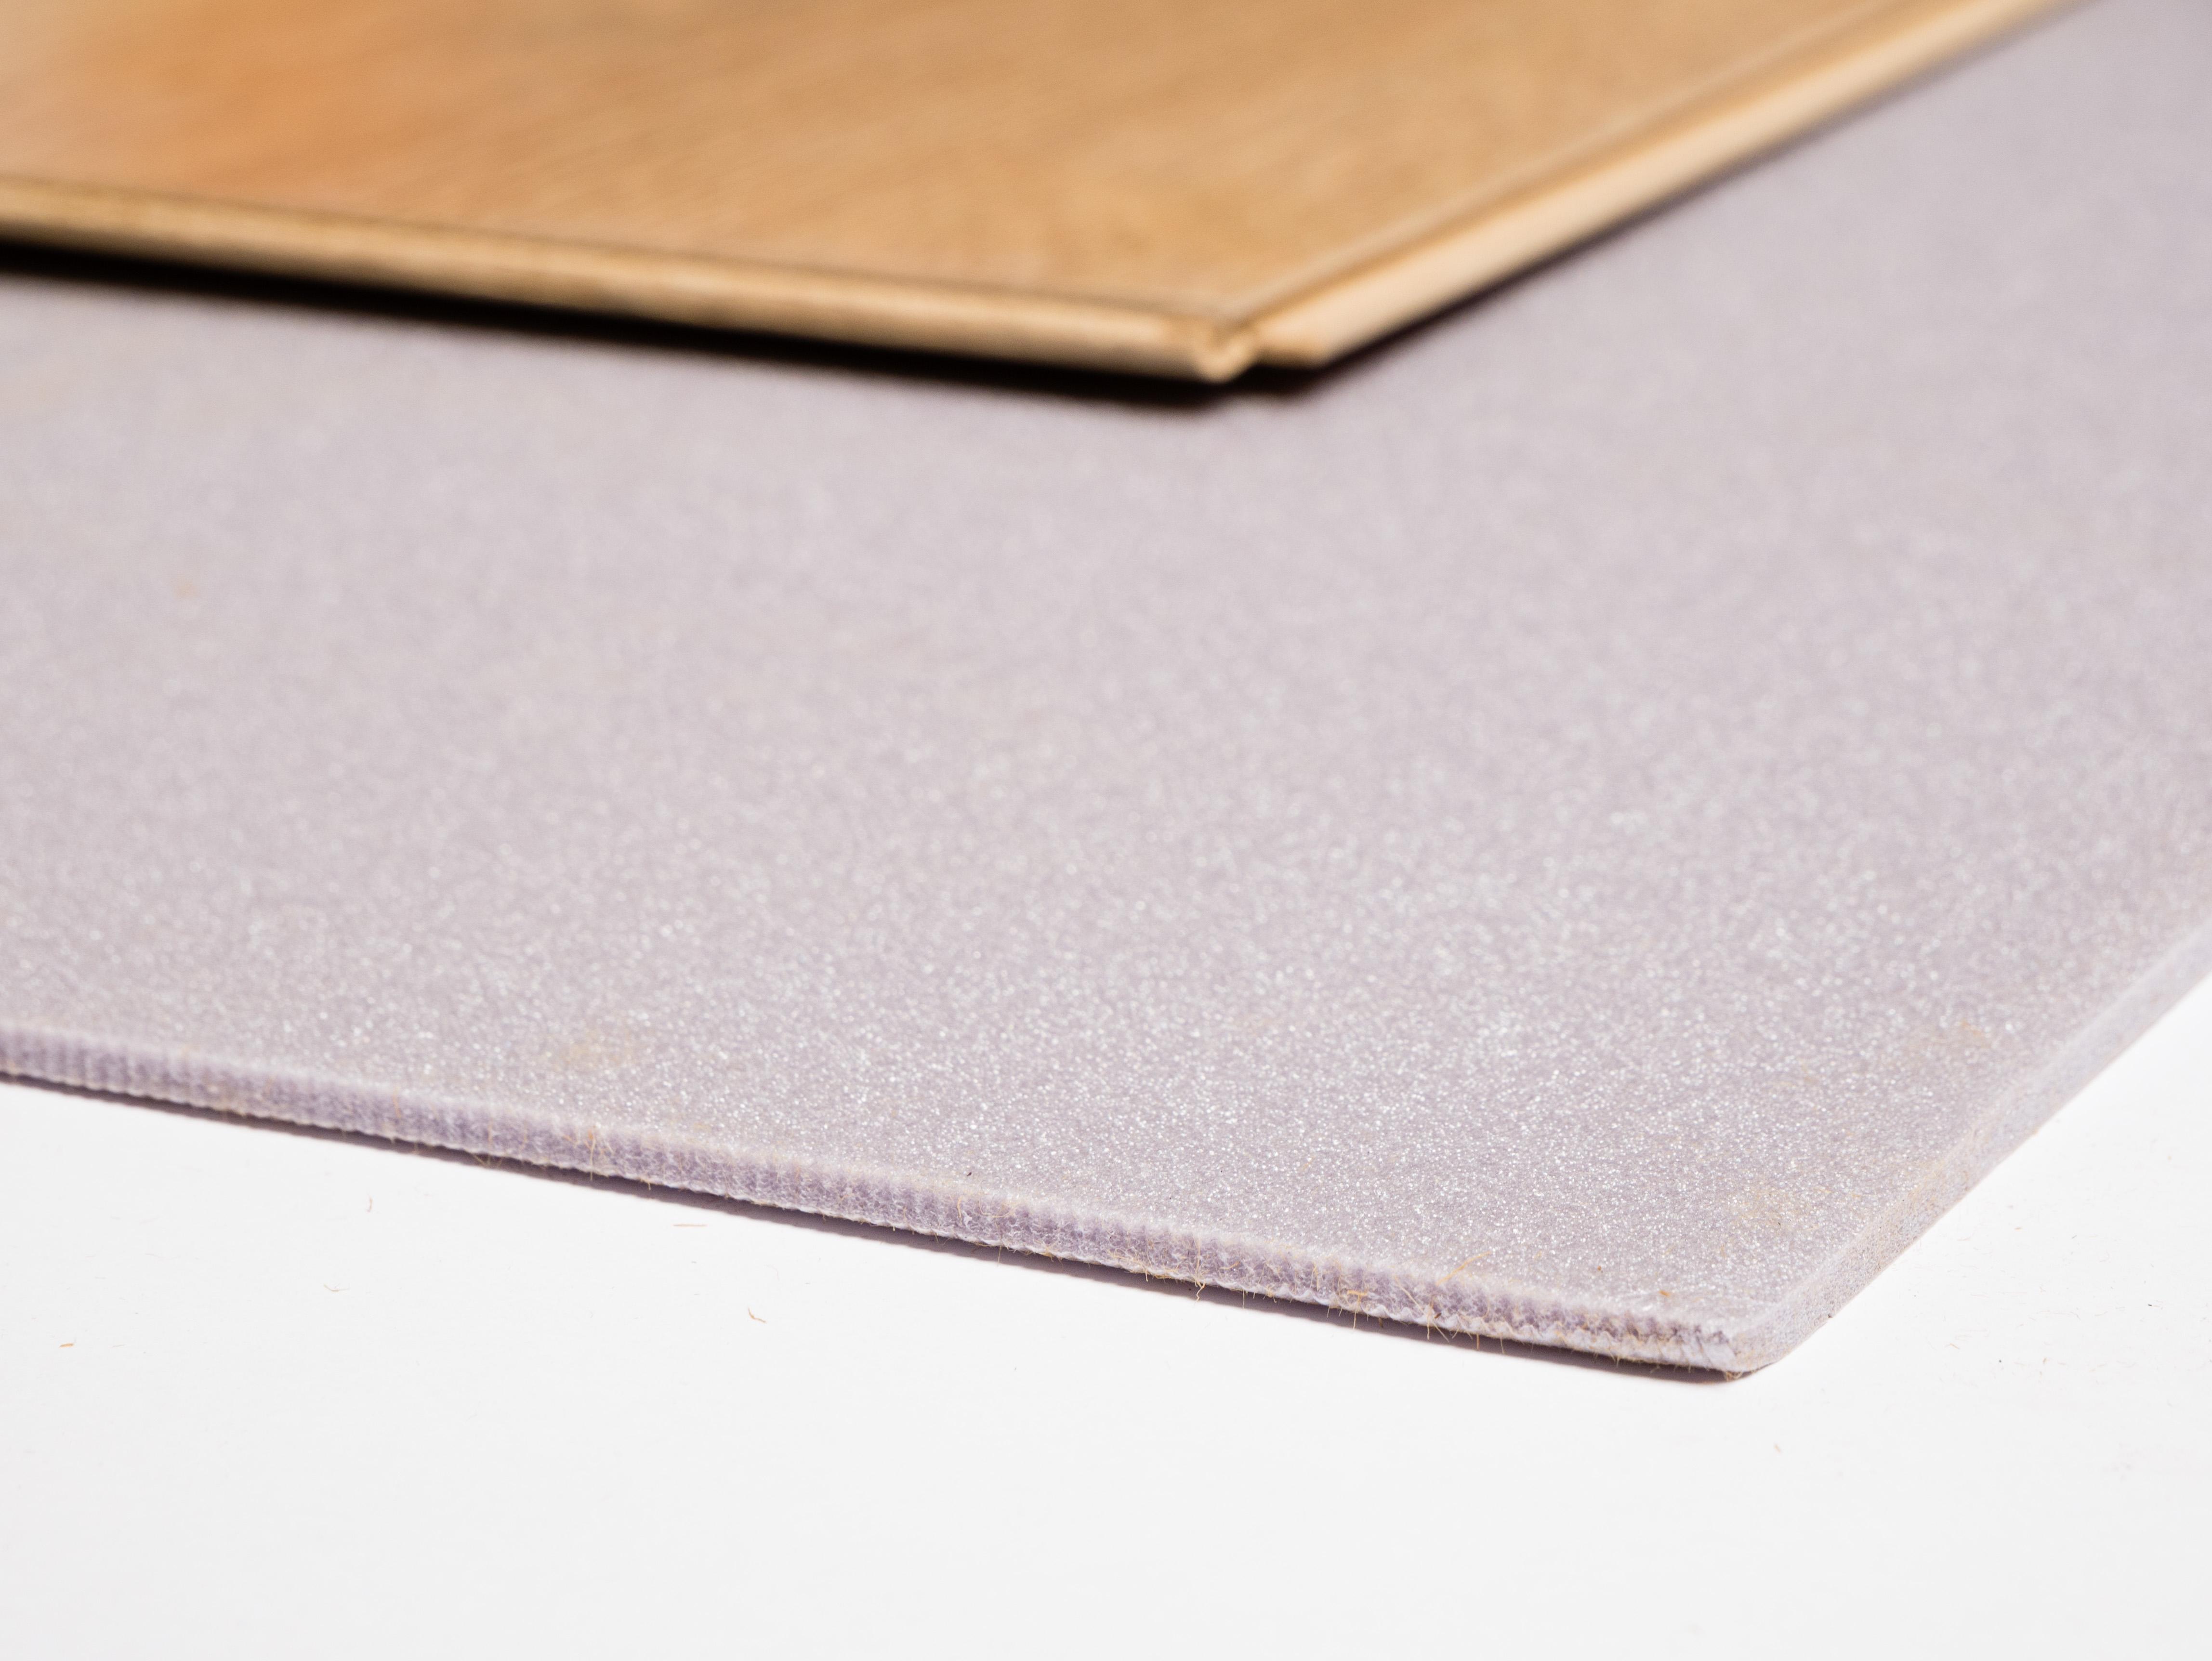 Подложка за ламинат на лист 0.50х1.20м 3мм